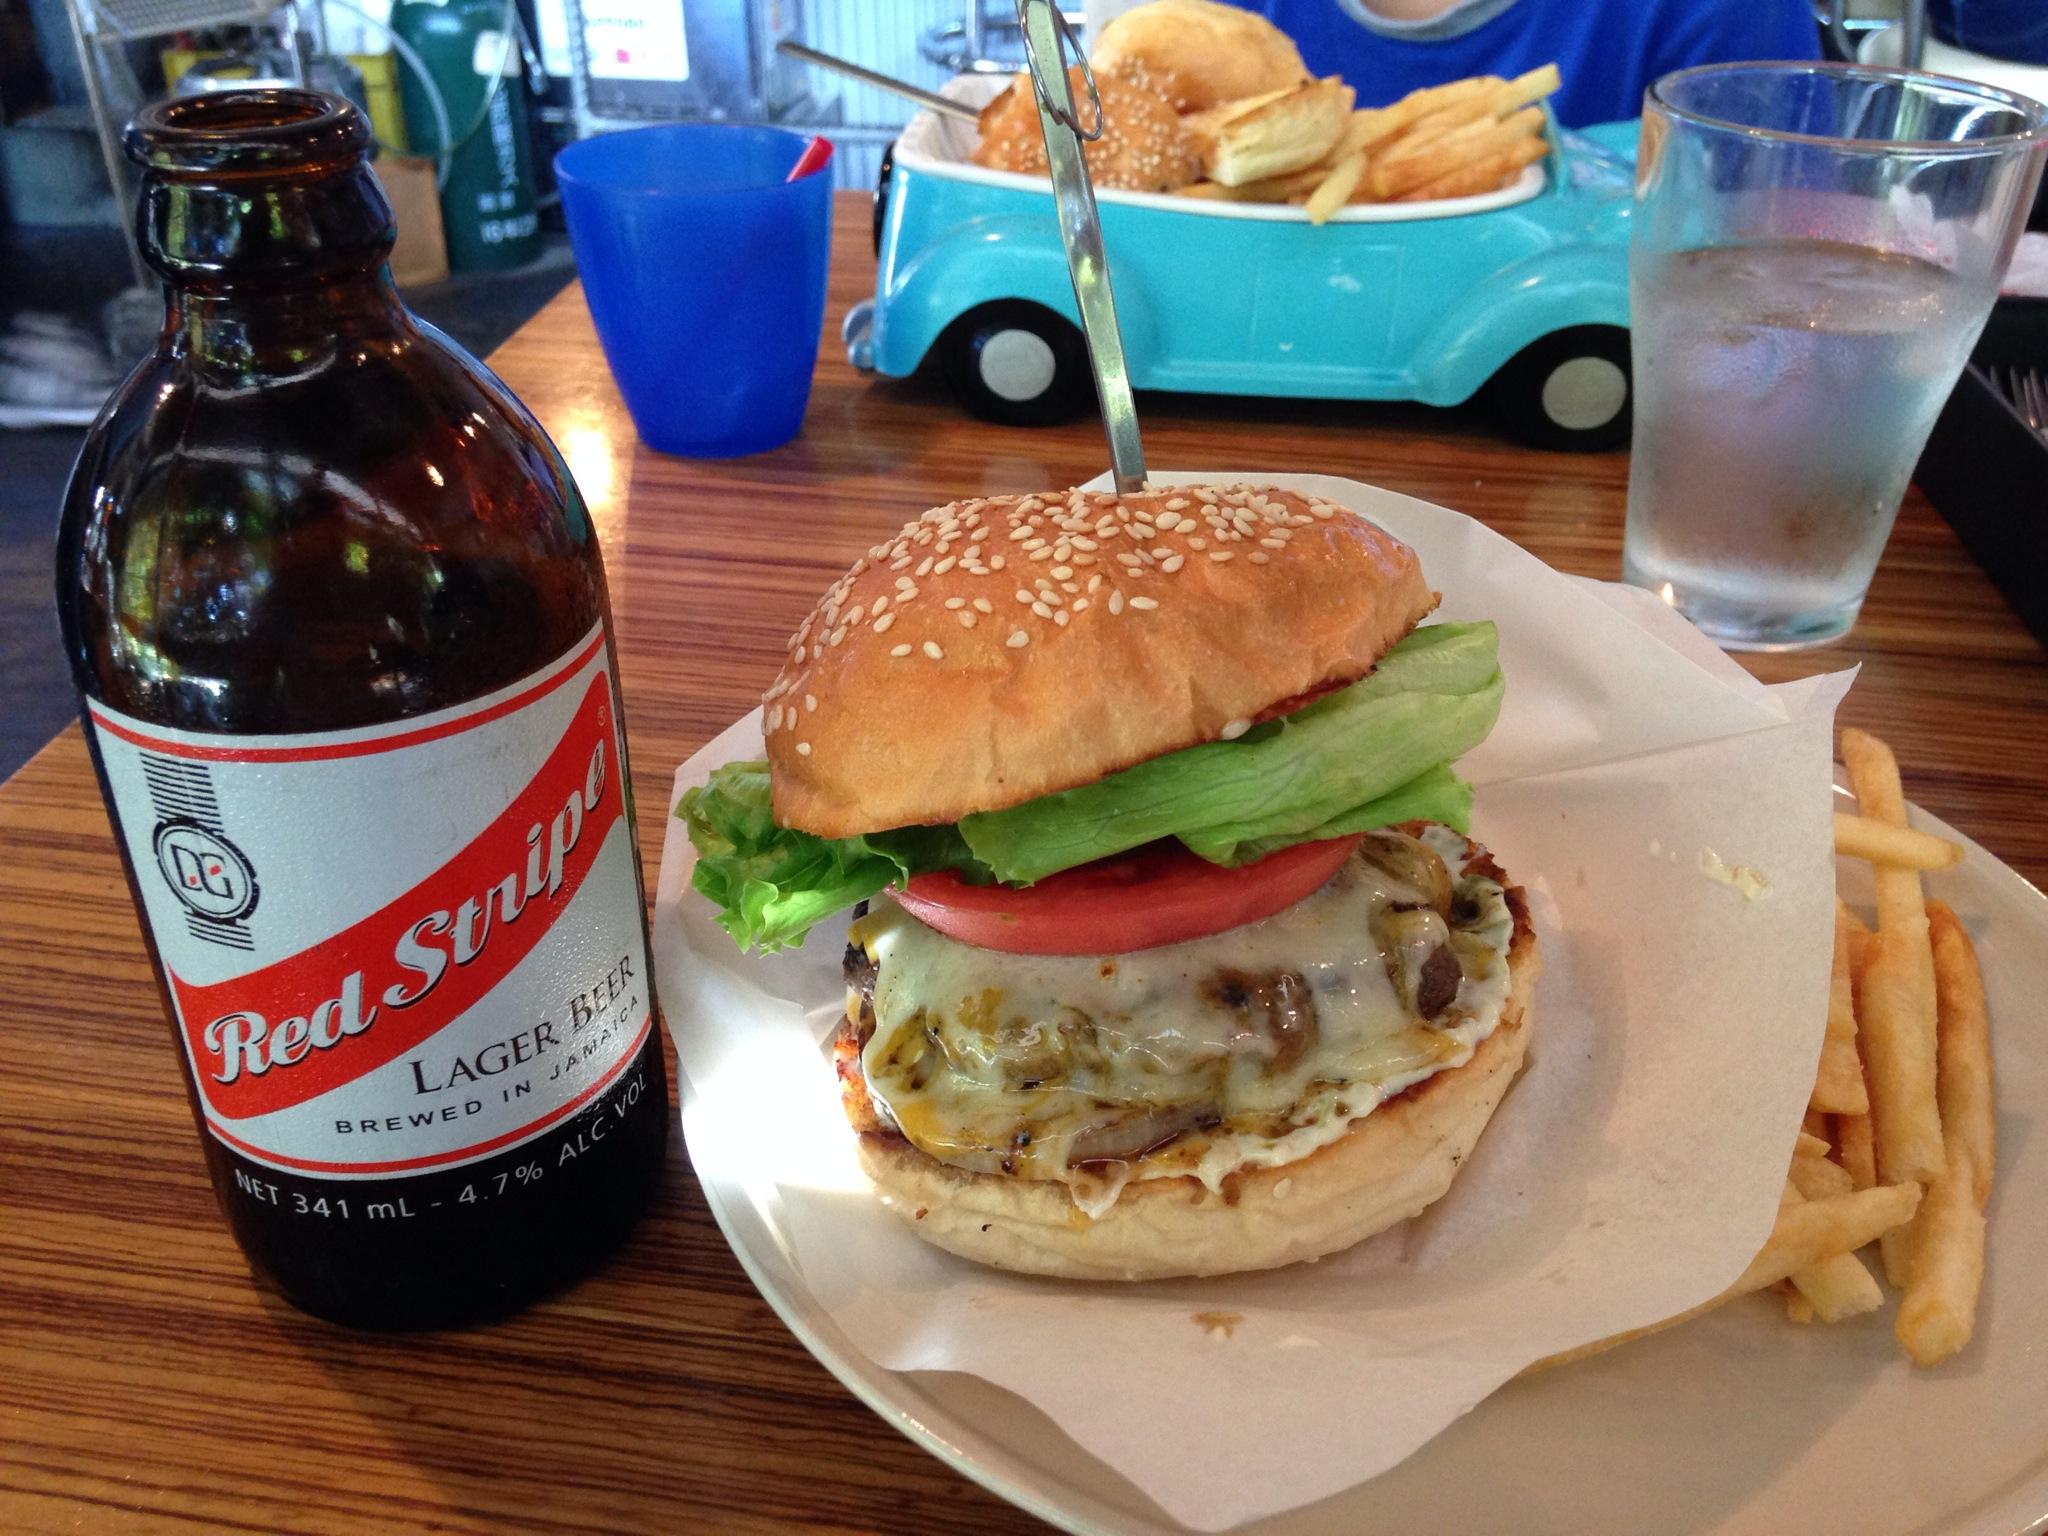 ブッチャーズテーブル、ハンバーガーとビールを片手に、映画の街大泉学園で語らいたくなるお店